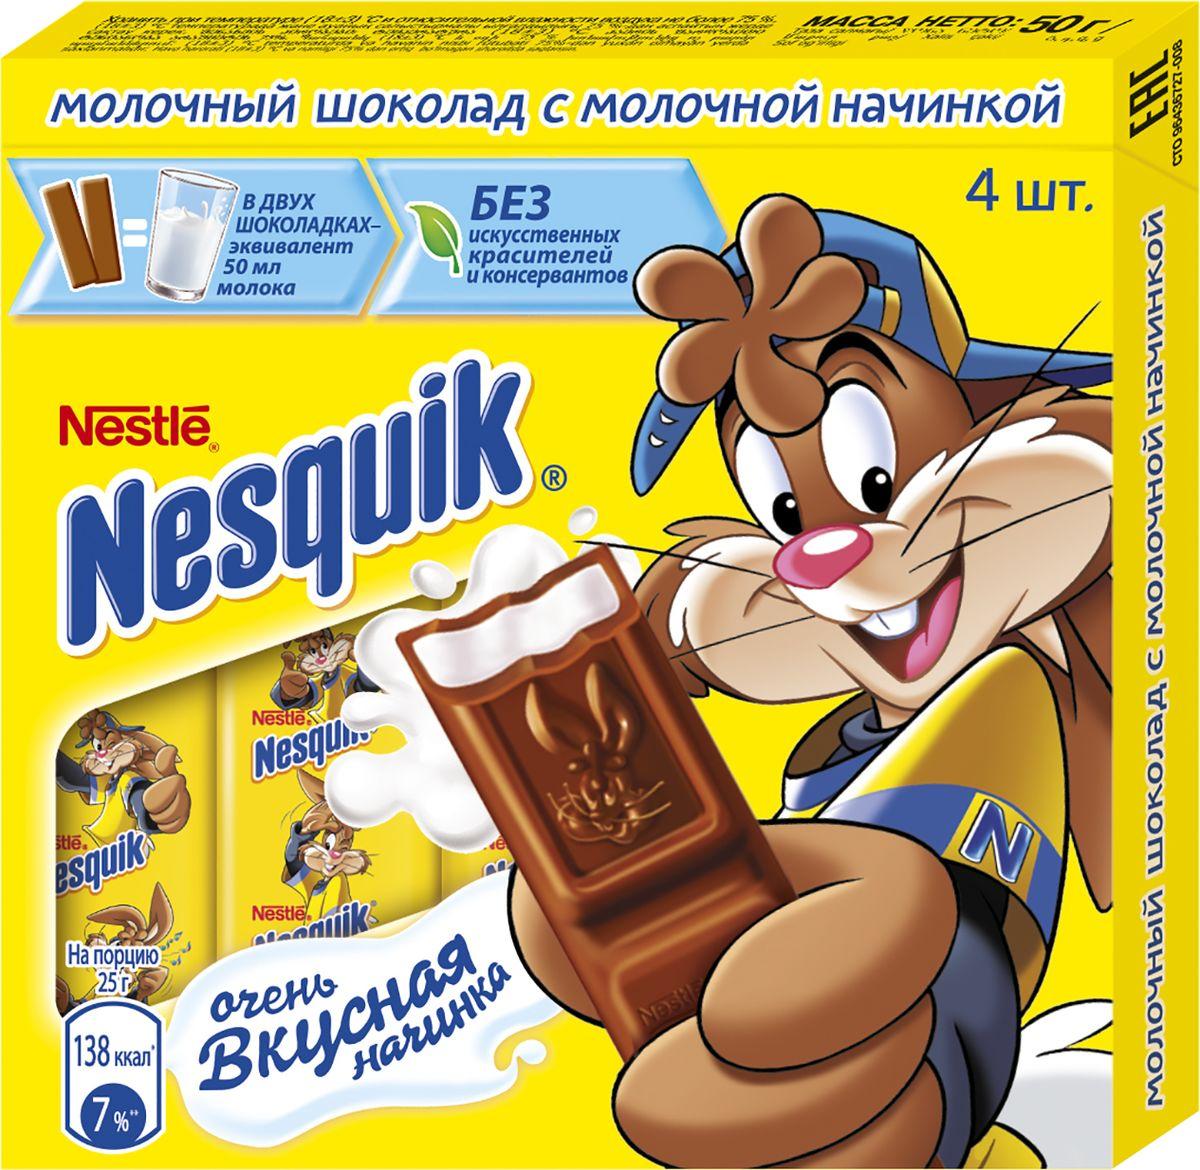 Nesquik молочный шоколад с молочной начинкой, 50 г1093Молочный шоколад с кальцием и молочной начинкойШоколадки Nesquik - это любимое лакомство кролика Квики и его друзей!Без искусственных красителейБез консервантовИсточник кальцияОчень вкусная молочная начинкаВ двух шоколадках эквивалент 50 мл молокаУважаемые клиенты! Обращаем ваше внимание, что полный перечень состава продукта представлен на дополнительном изображении.